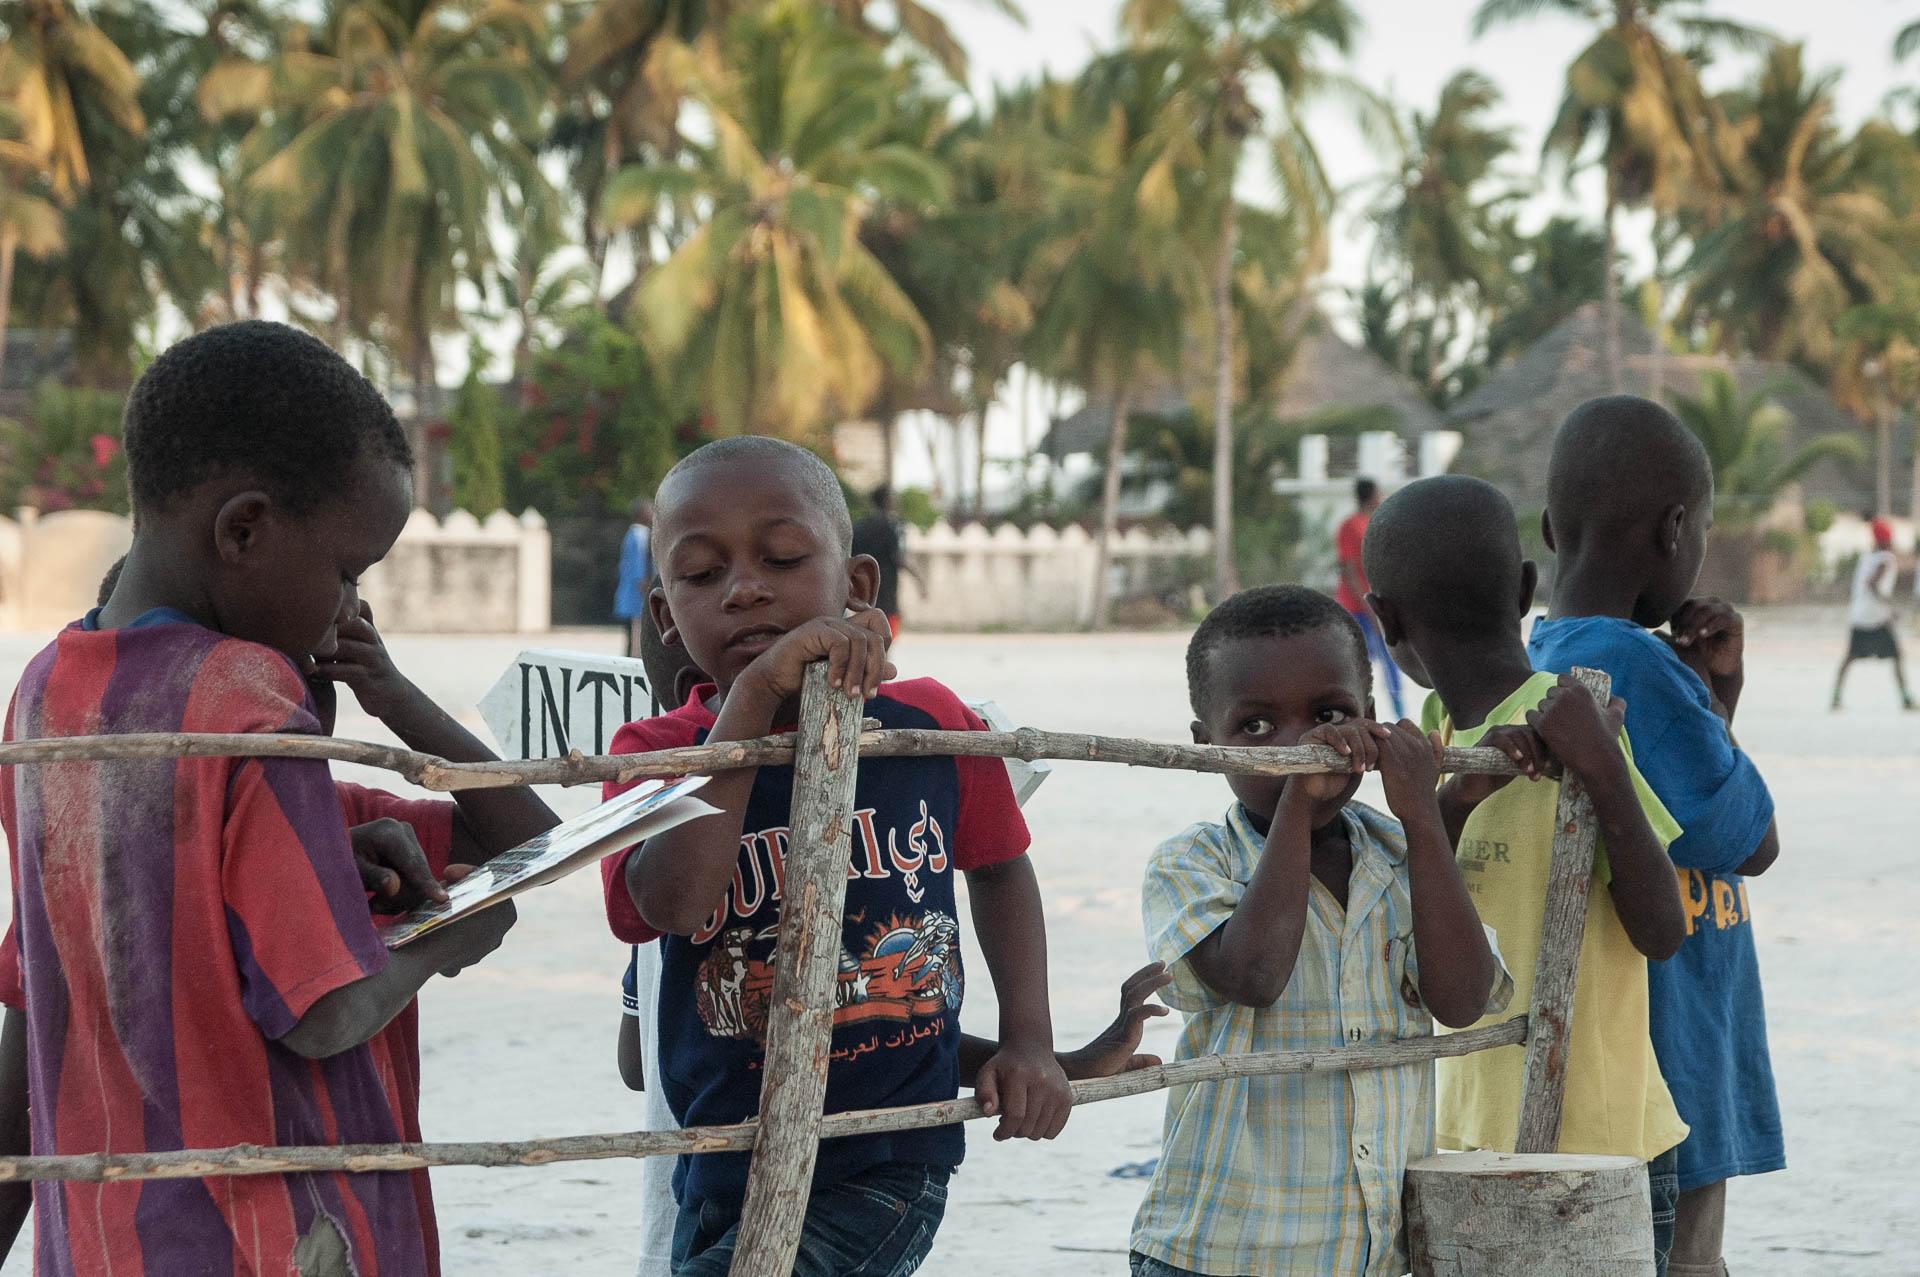 mendicité enfants - Les globe blogueurs - blog voyage nature